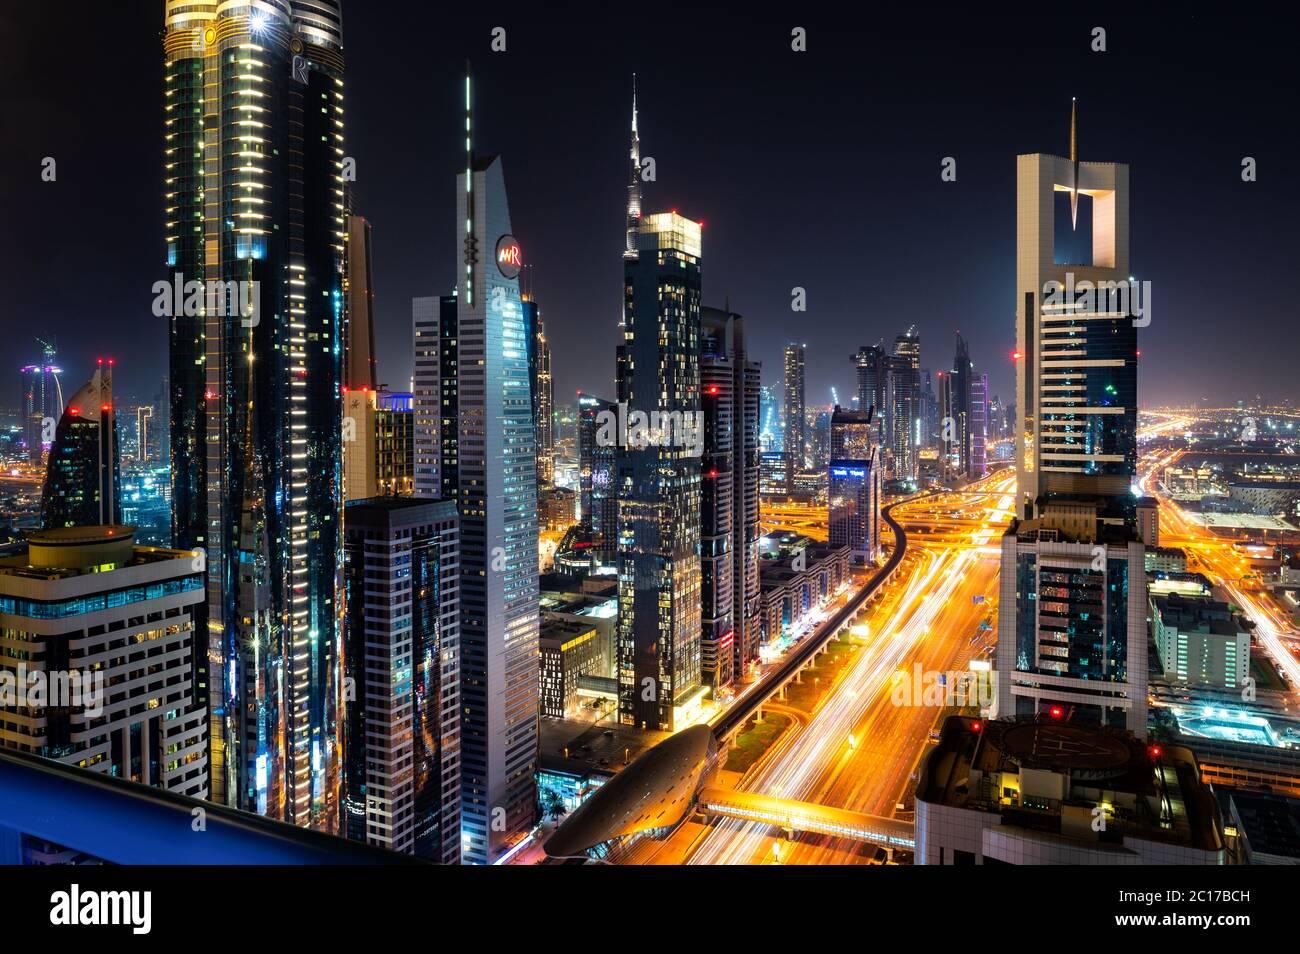 La città di Dubai negli Emirati Arabi Uniti Foto Stock